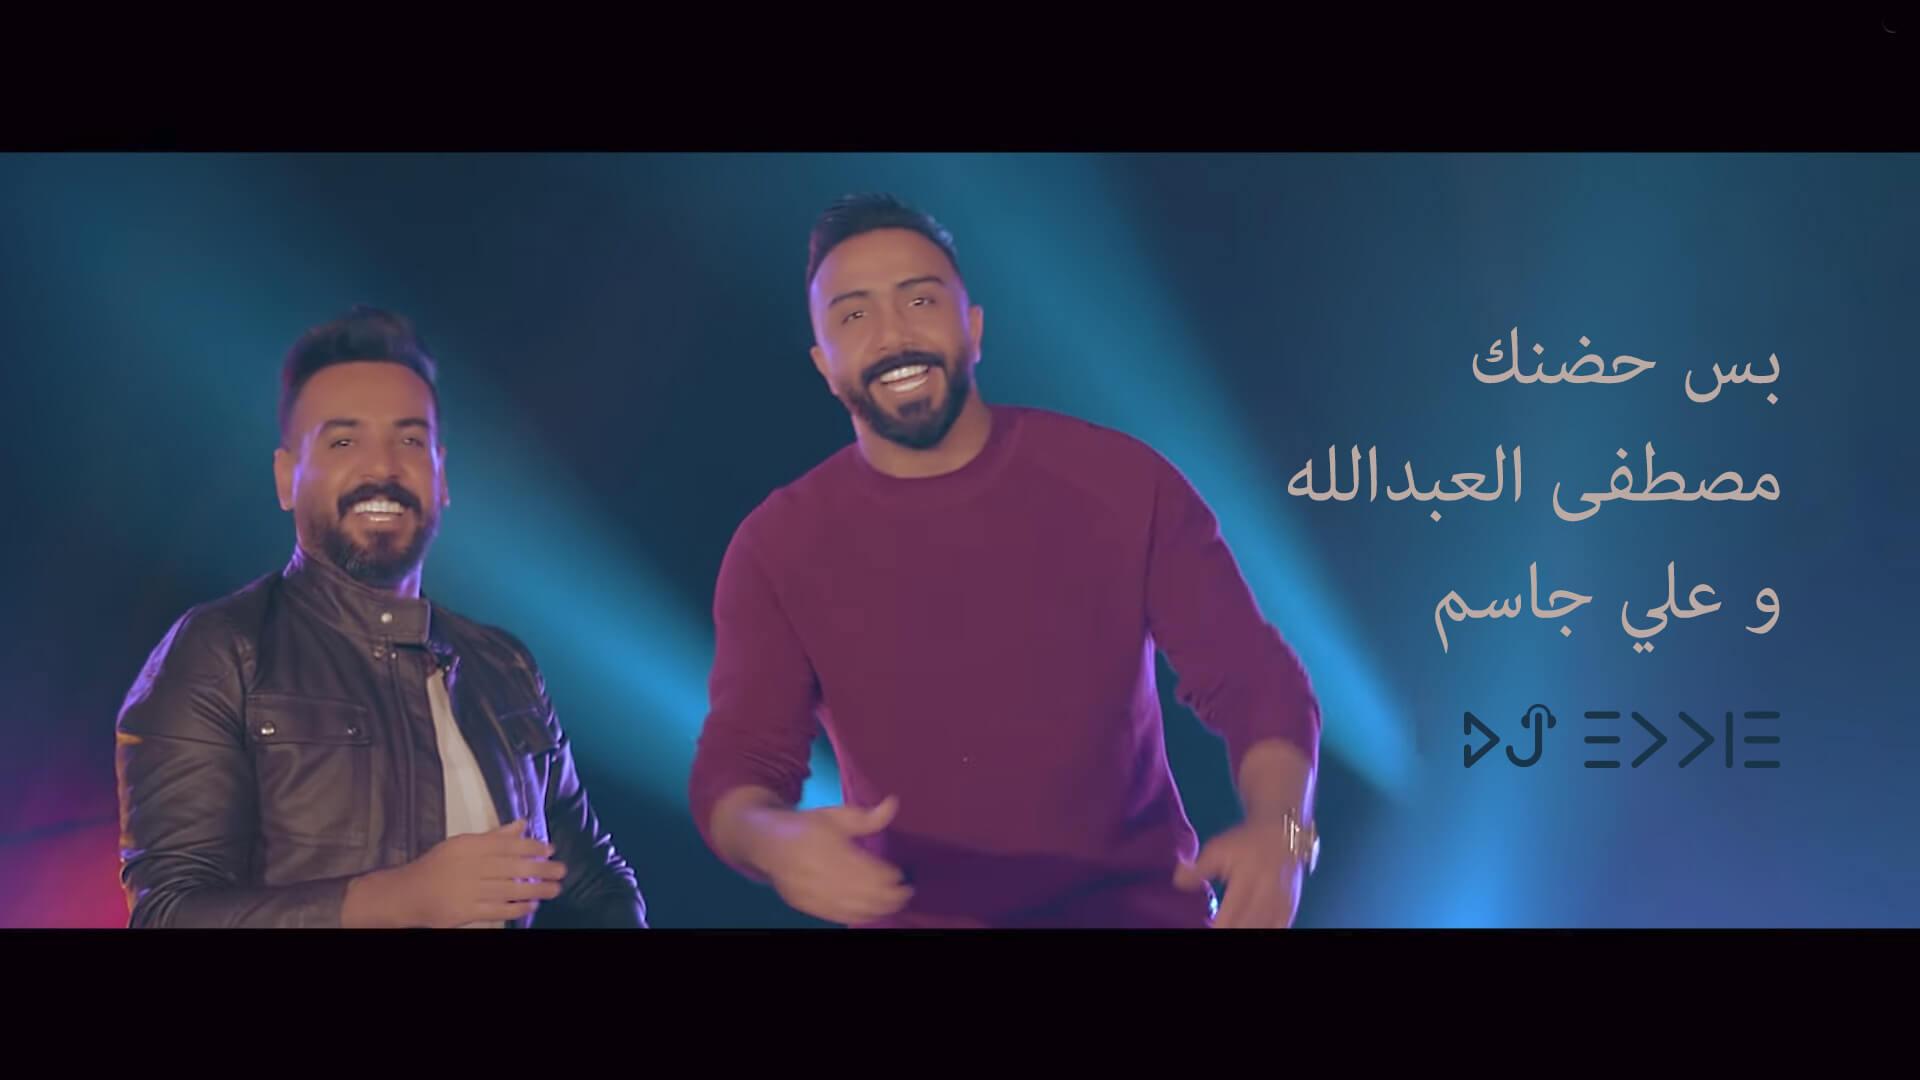 مصطفى العبدالله وعلي جاسم - بس حضنك Mustafa Alabdullah & Ali Jassim - Bas Hodnak